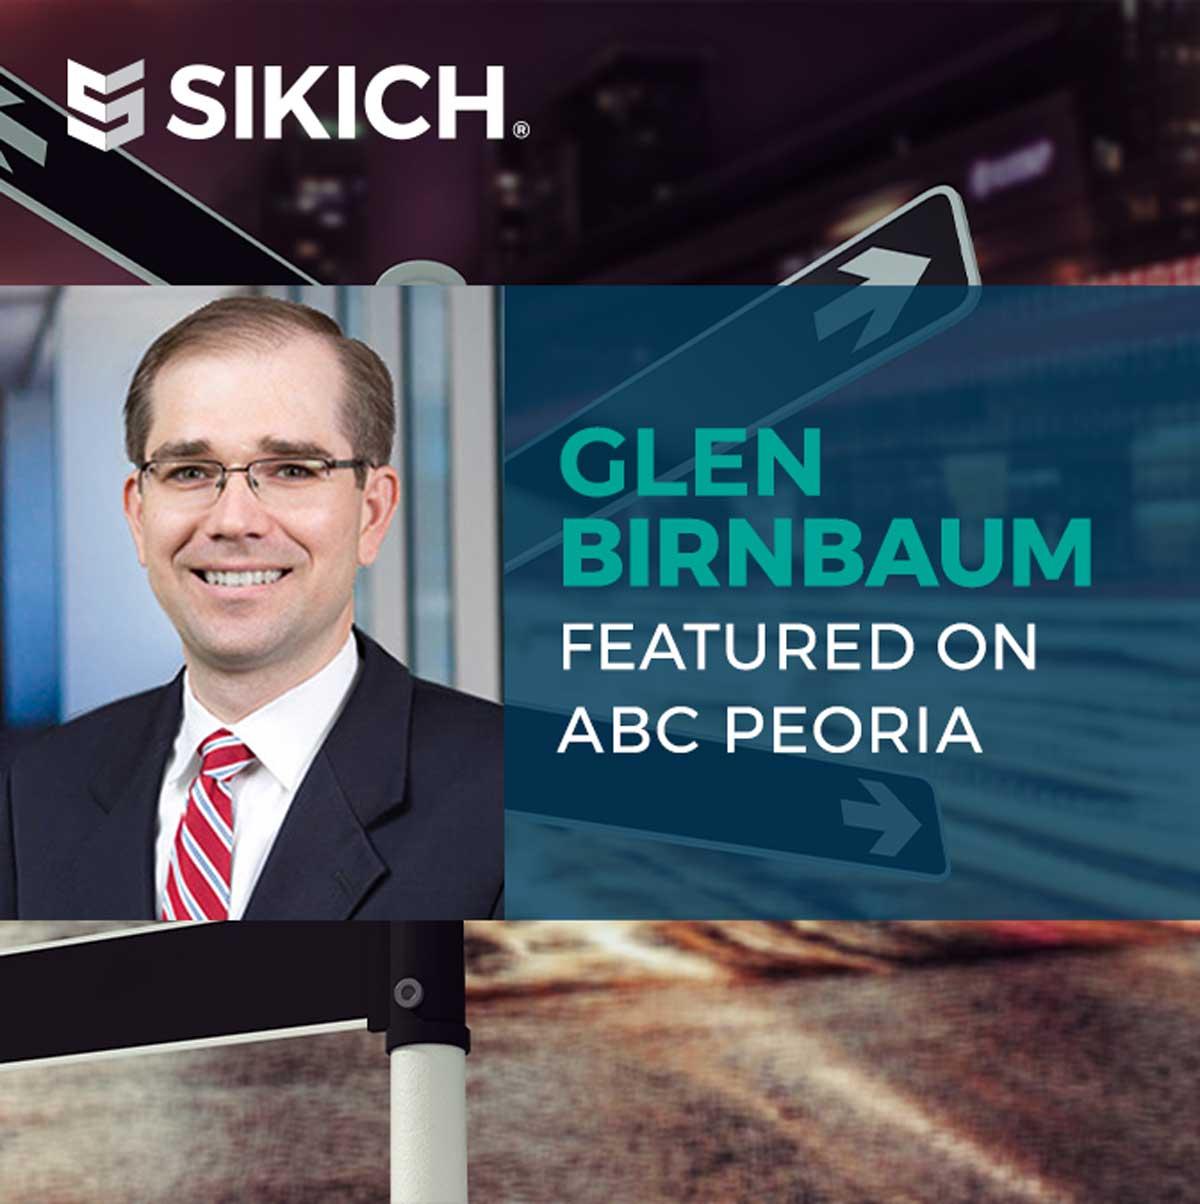 Glen-Birnbaum-Featured-on-ABC-Peoria